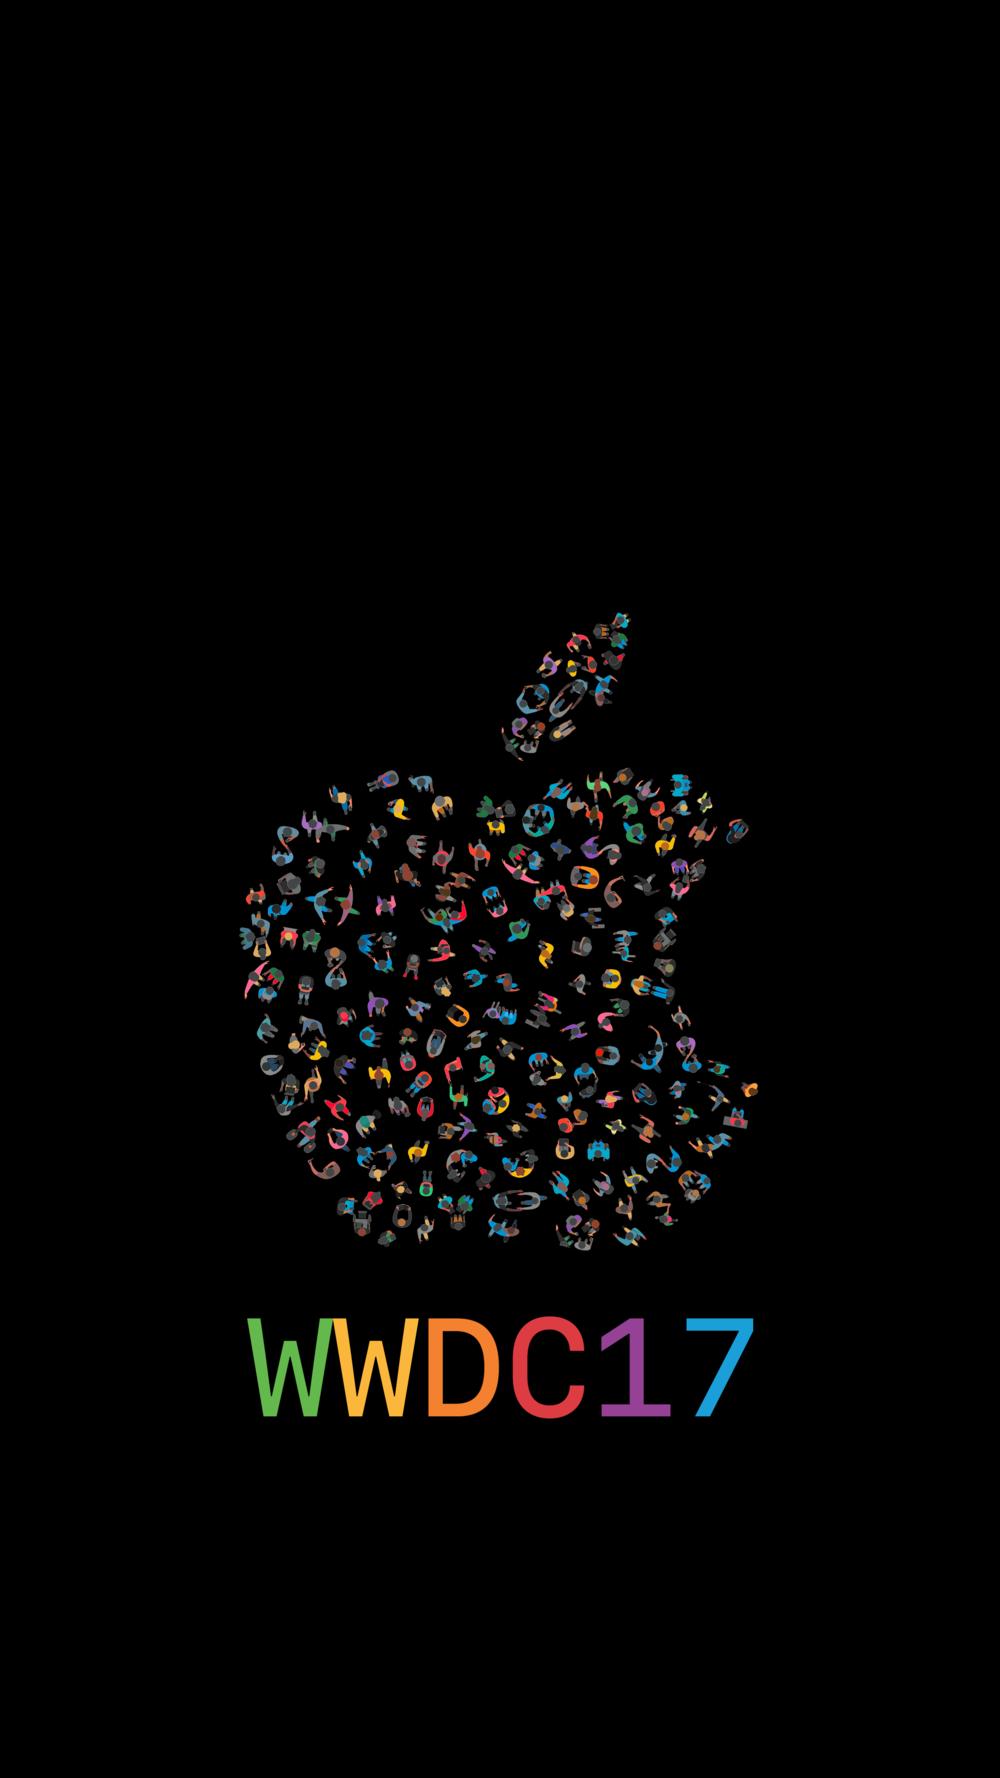 WWDC 2017 Wallpaper